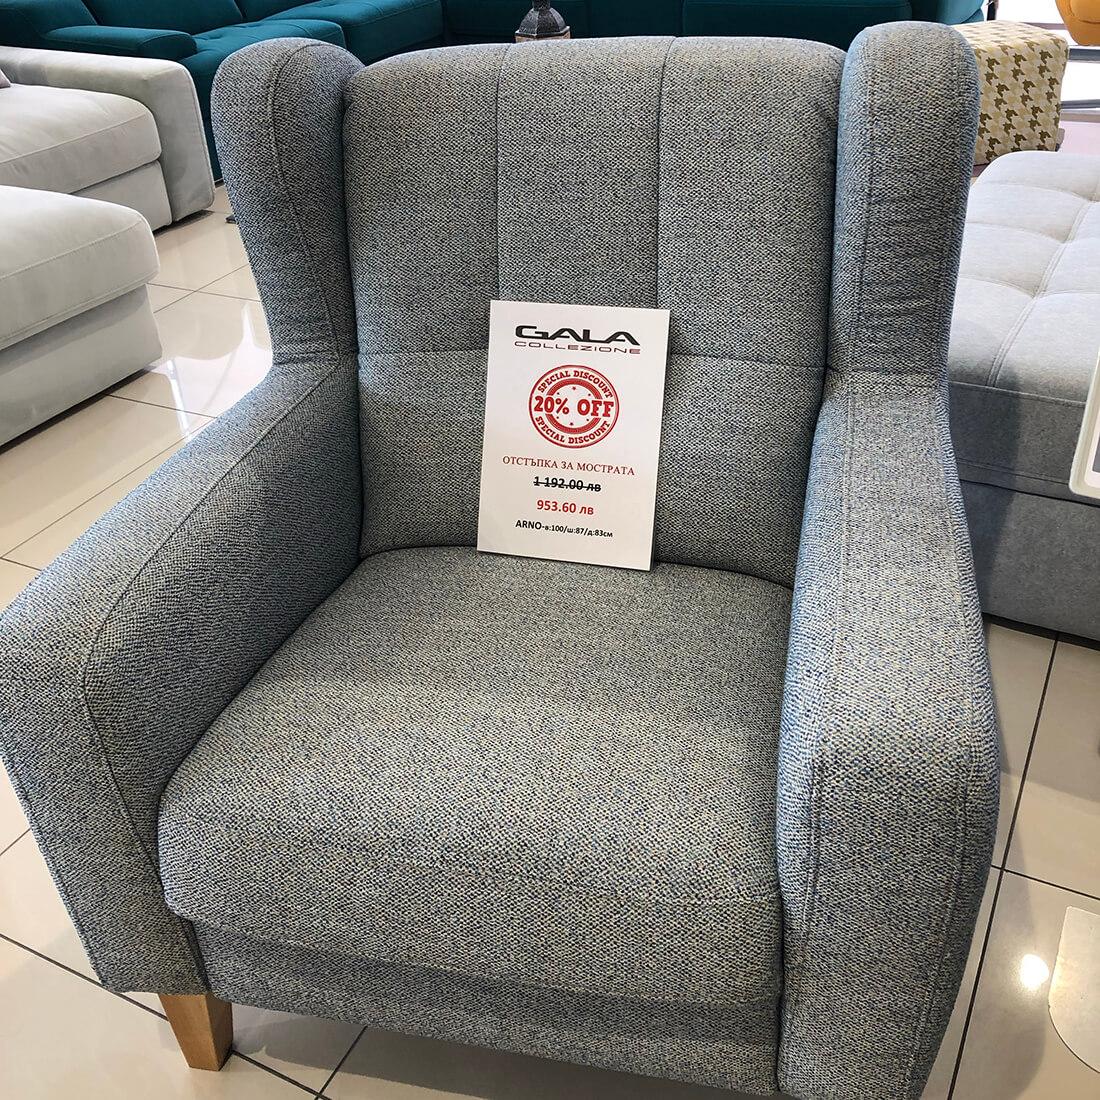 Кресло Arno - мостра